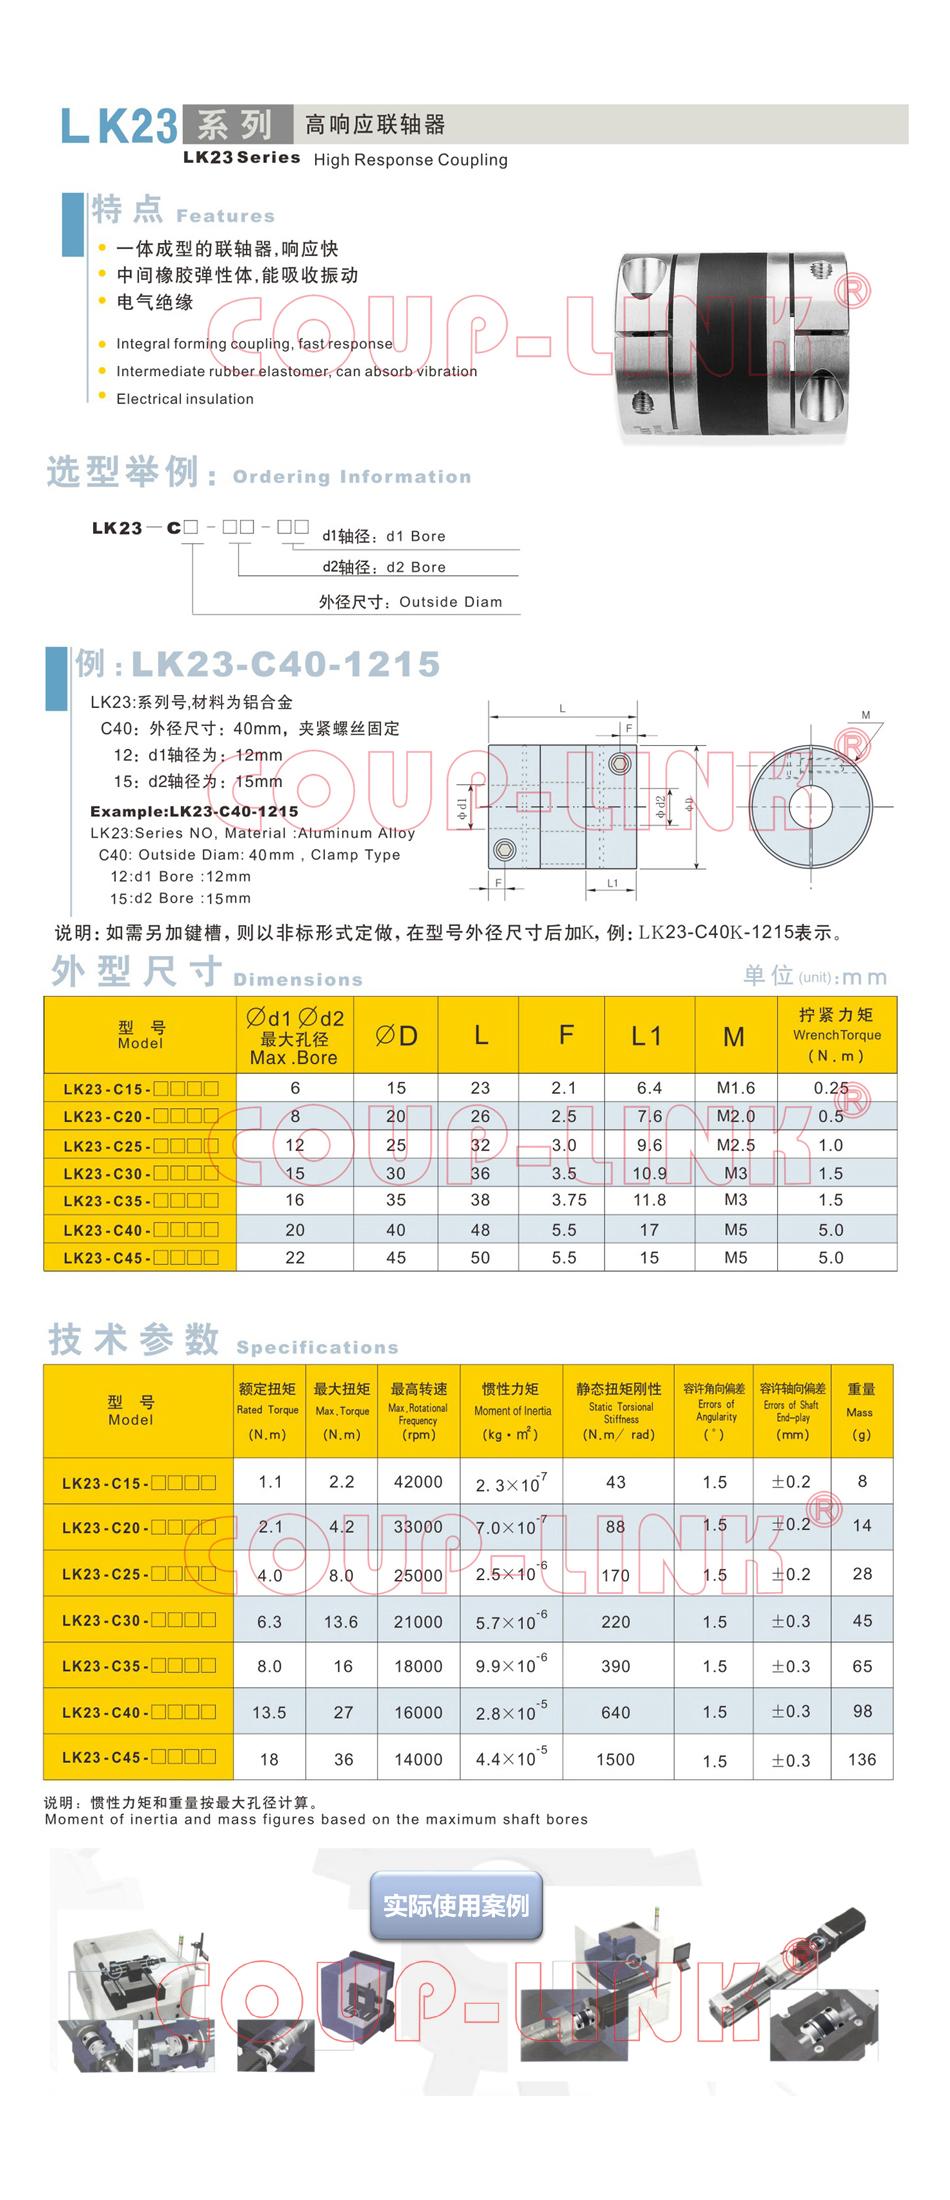 LK23系列 高响应联轴器_联轴器种类-广州菱科自动化设备有限公司